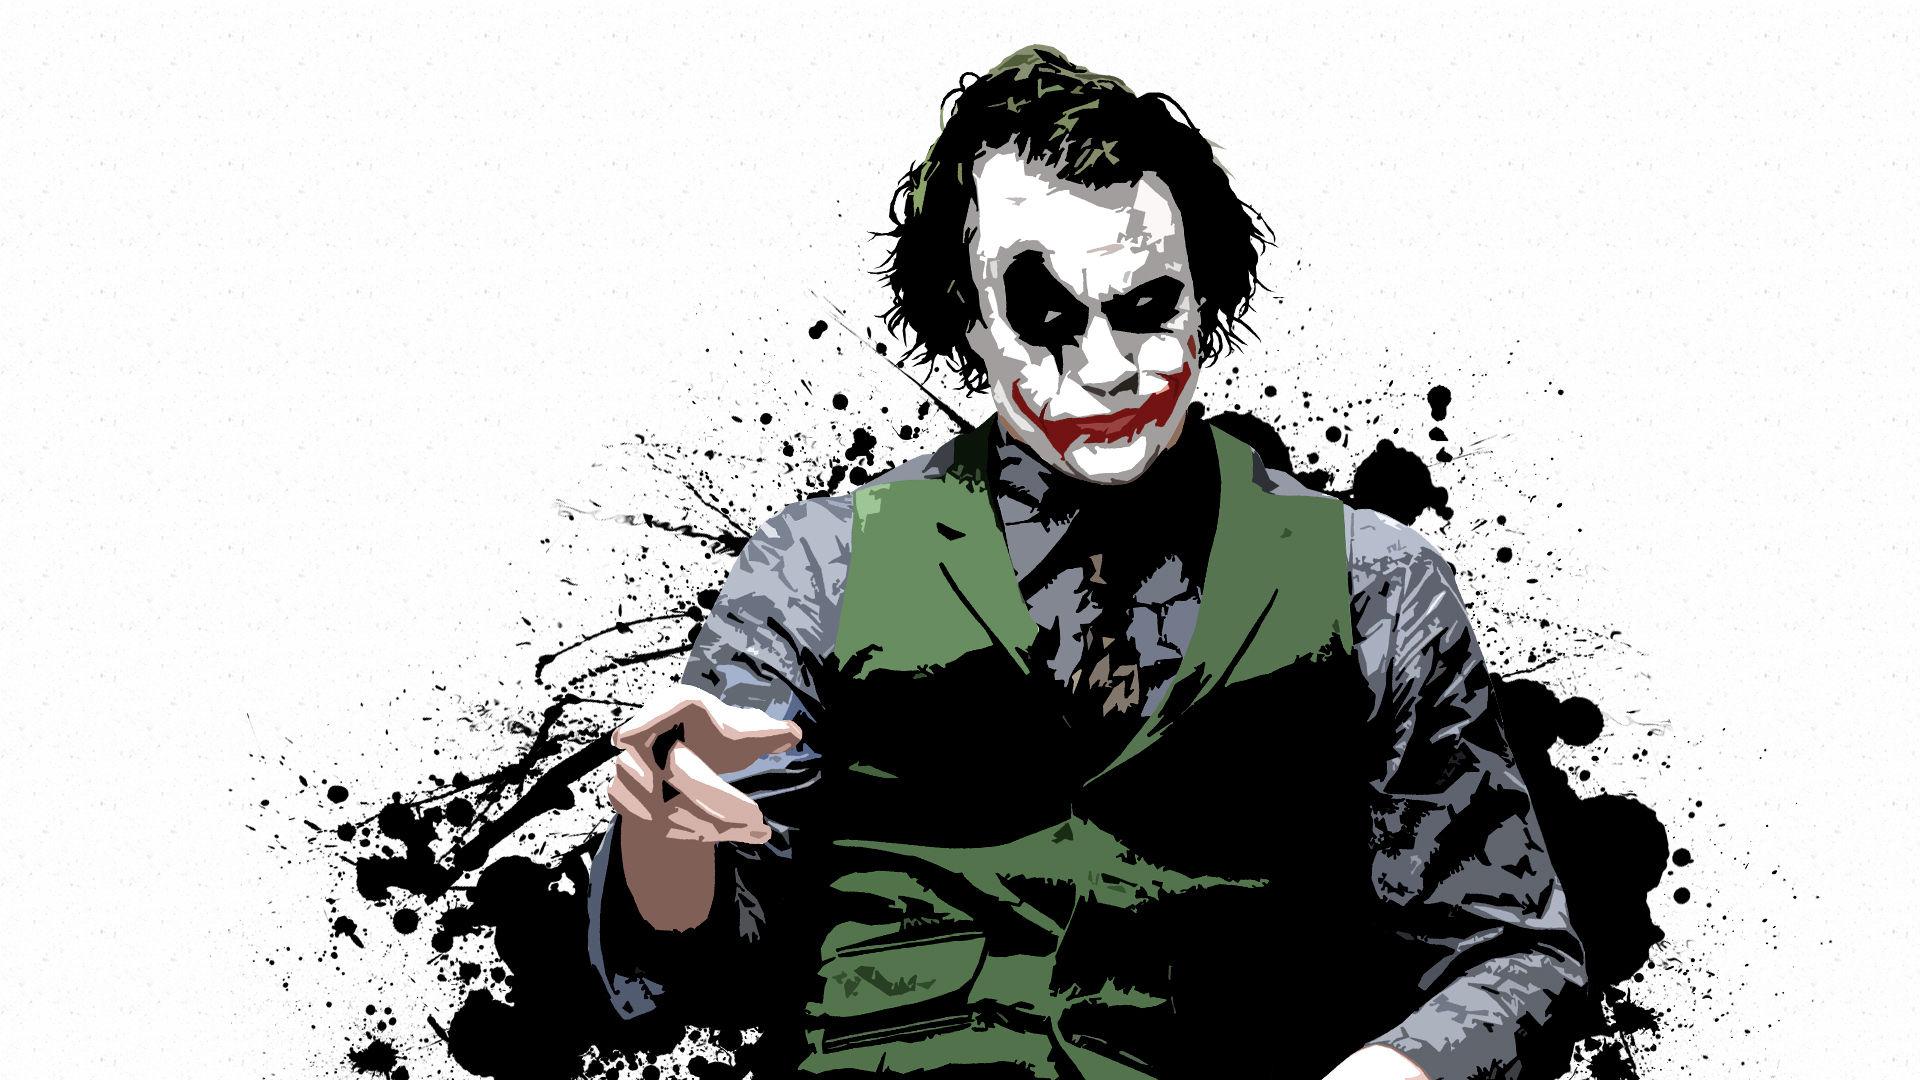 Imagenes de alta resolucion sobre The Joker o el Guason si prefieren 1920x1080